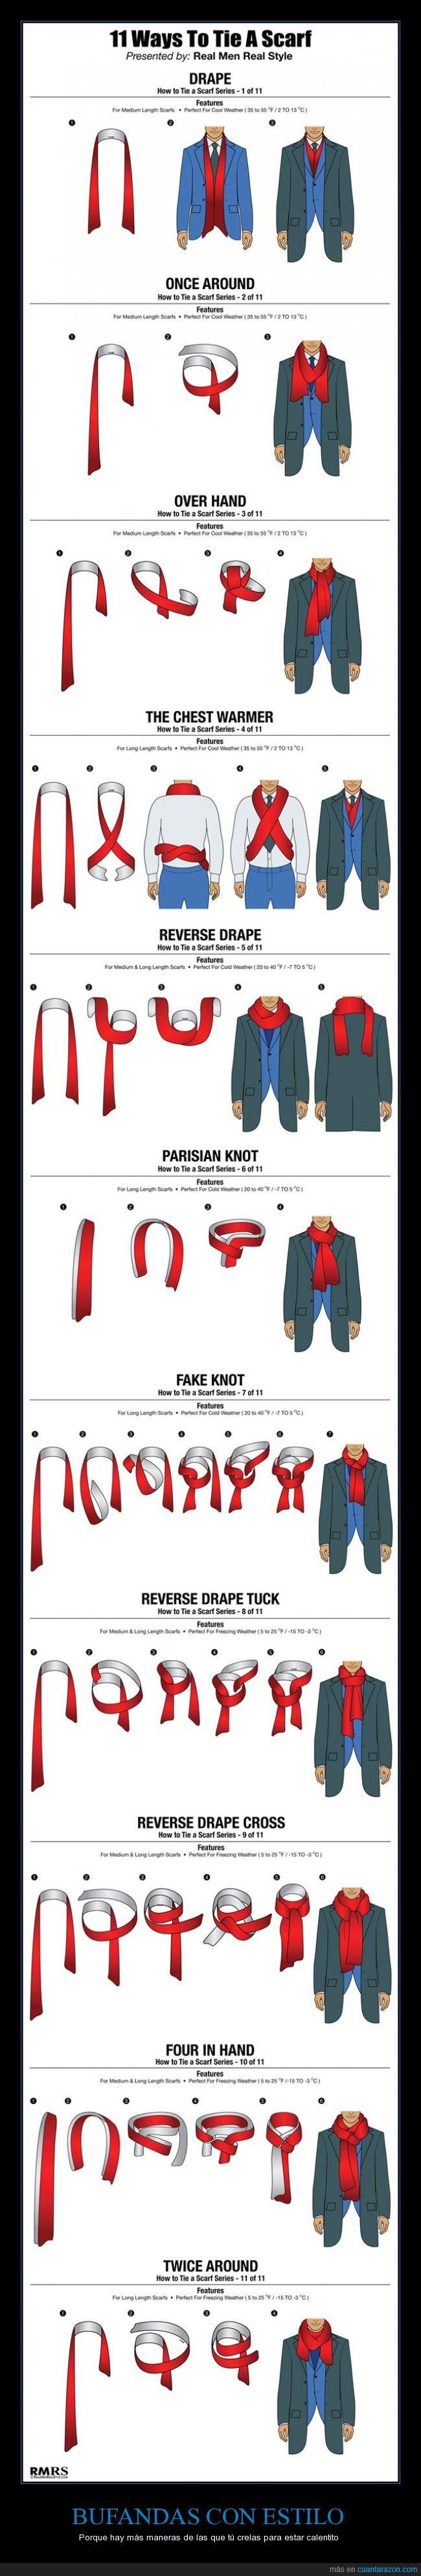 bufanda,instrucciones,invierno,largo,lazo,nudo,pañuelo,truco,tutorial,vuelta